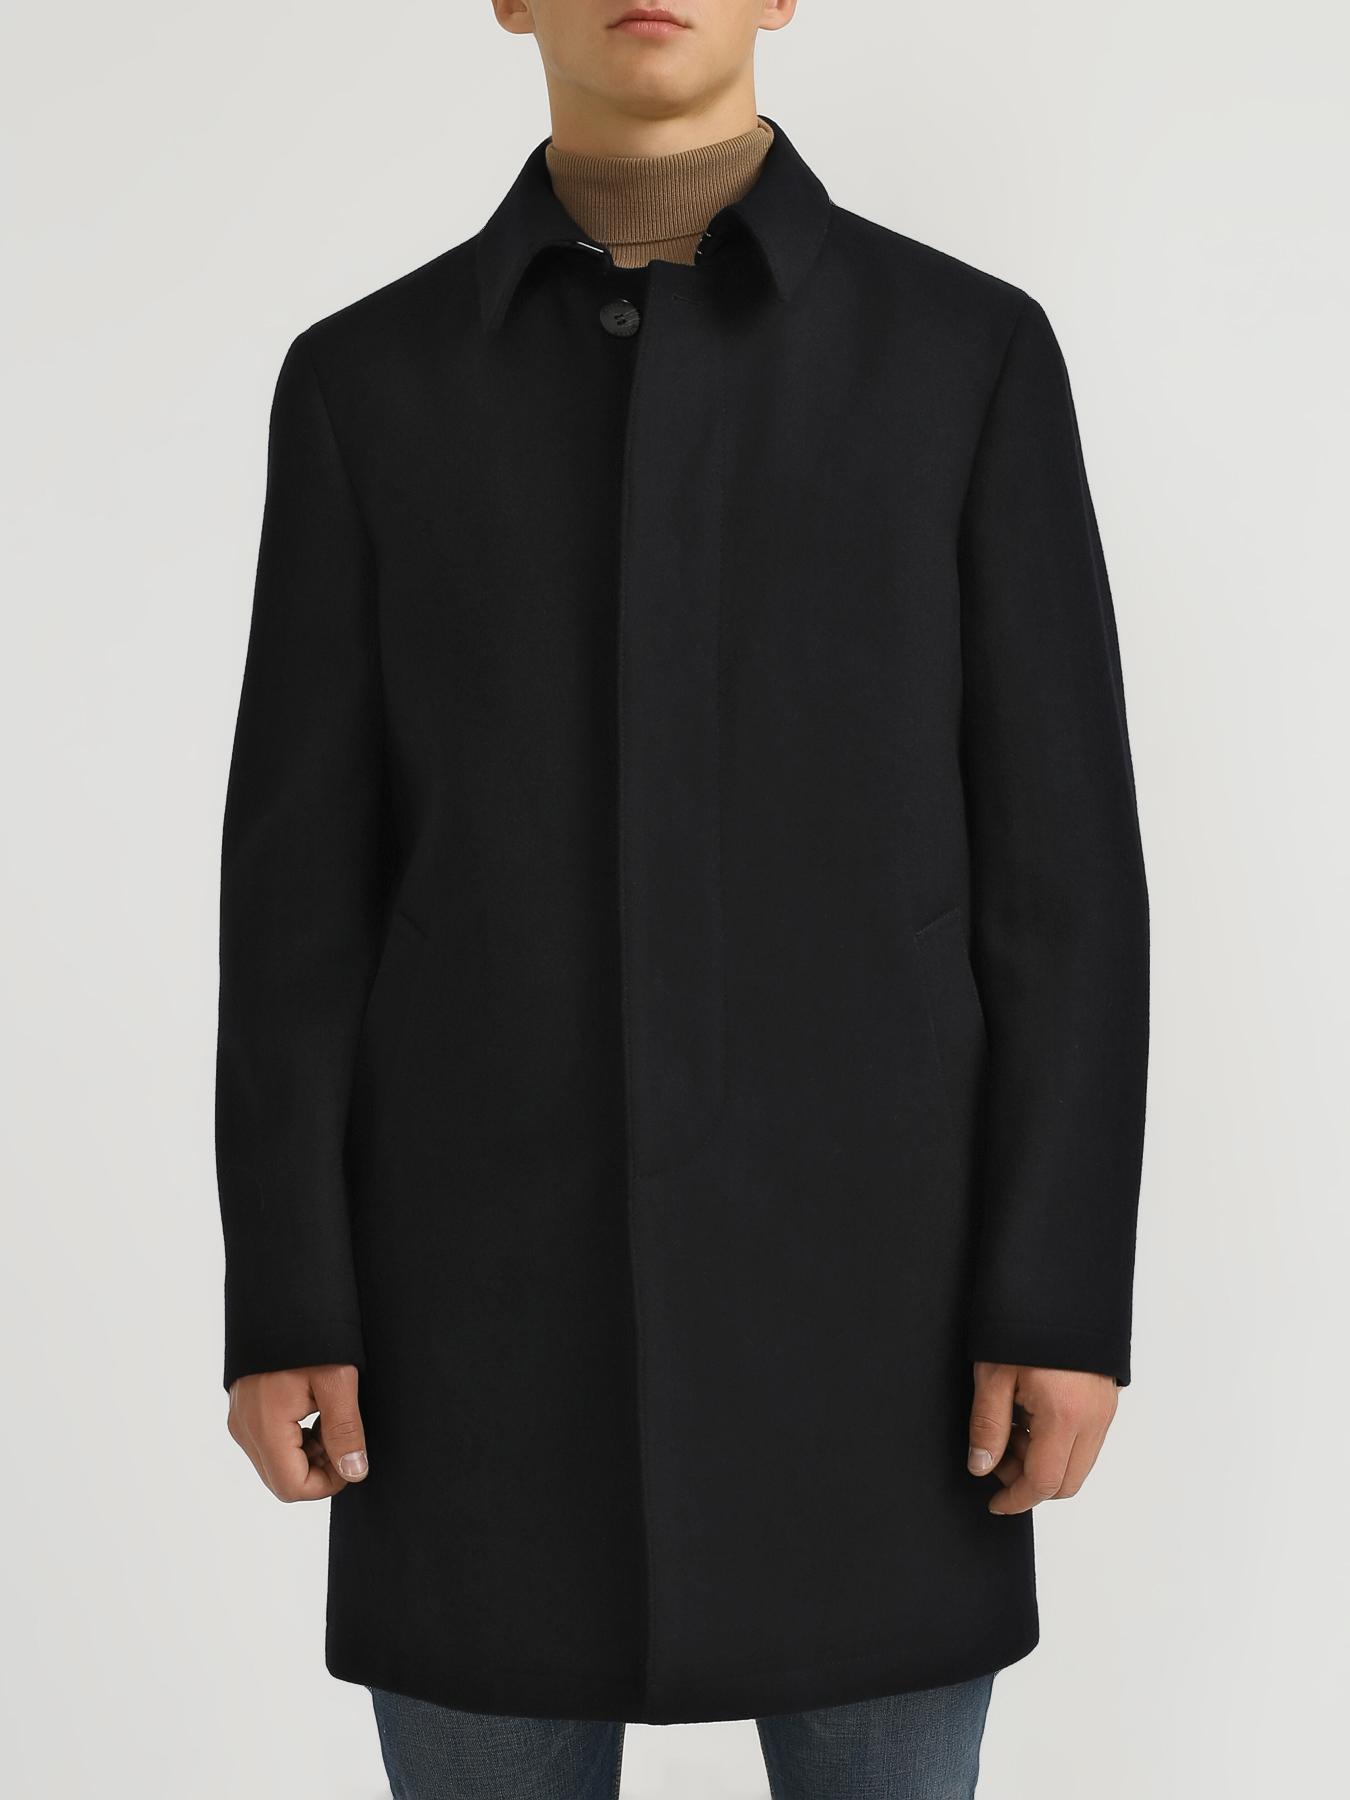 Пальто Ritter Классическое пальто пальто ritter классическое пальто